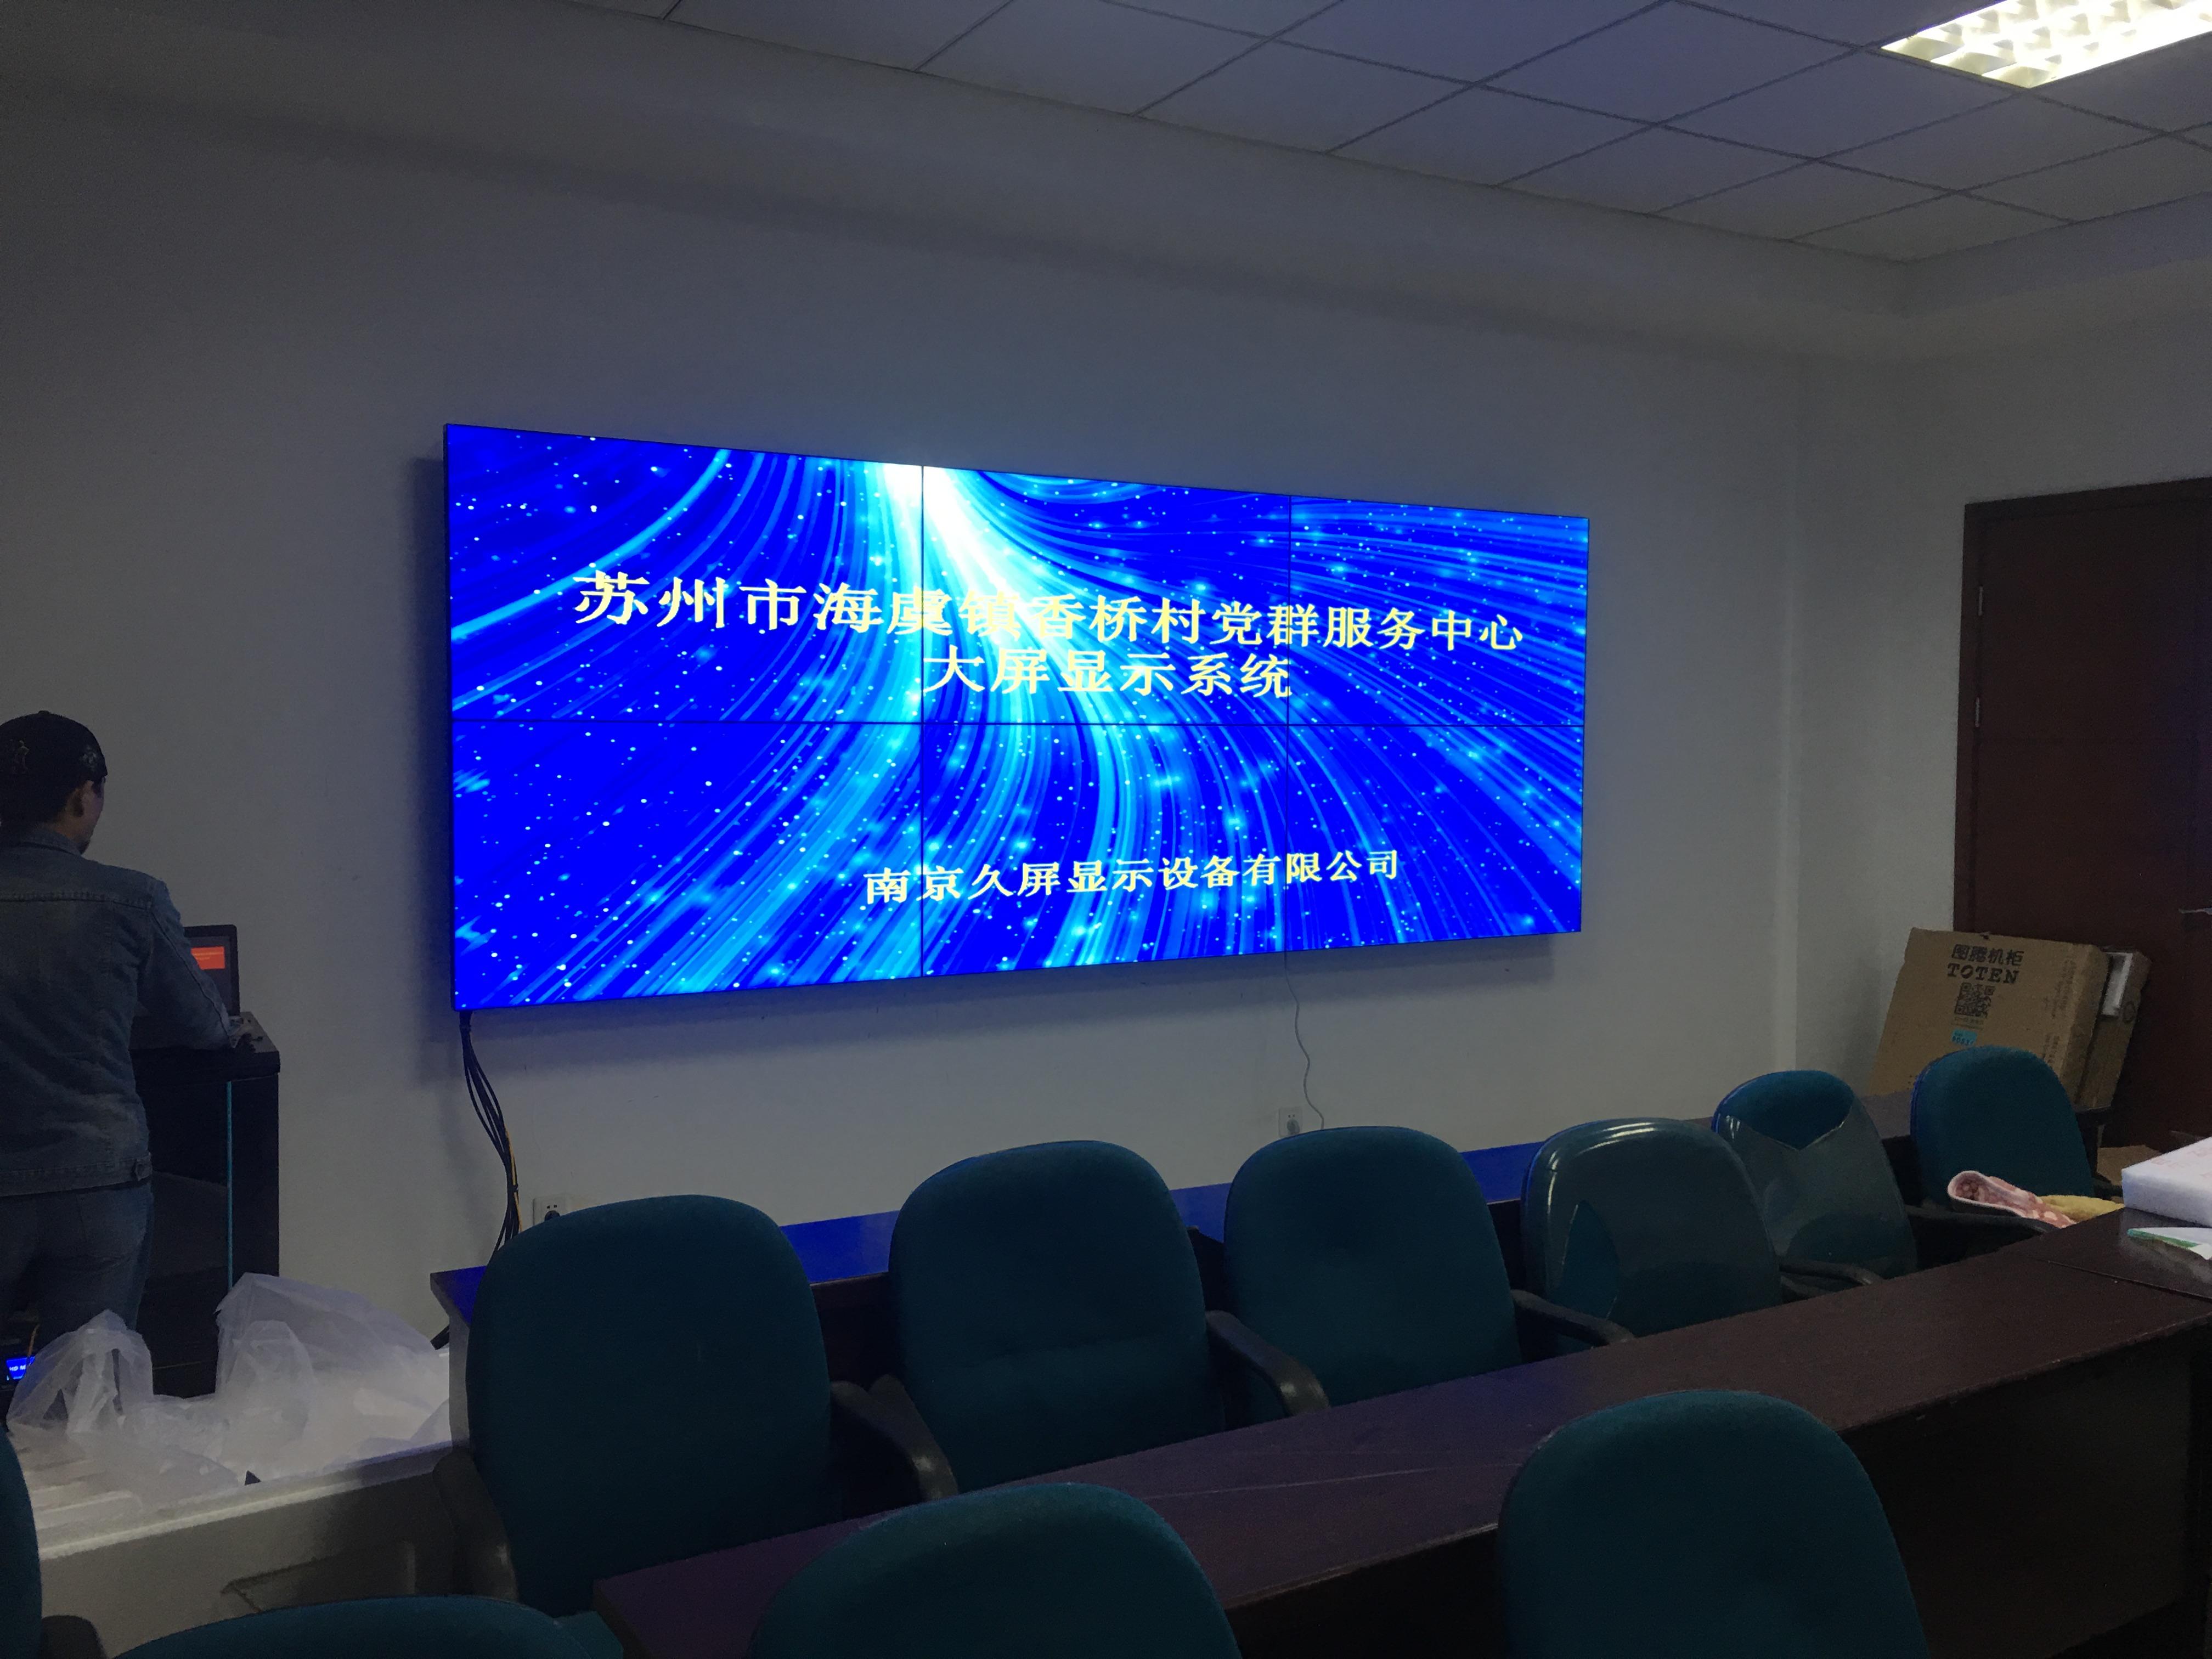 久屏显示55寸液晶拼接屏应用于苏州香桥村党群服务中心